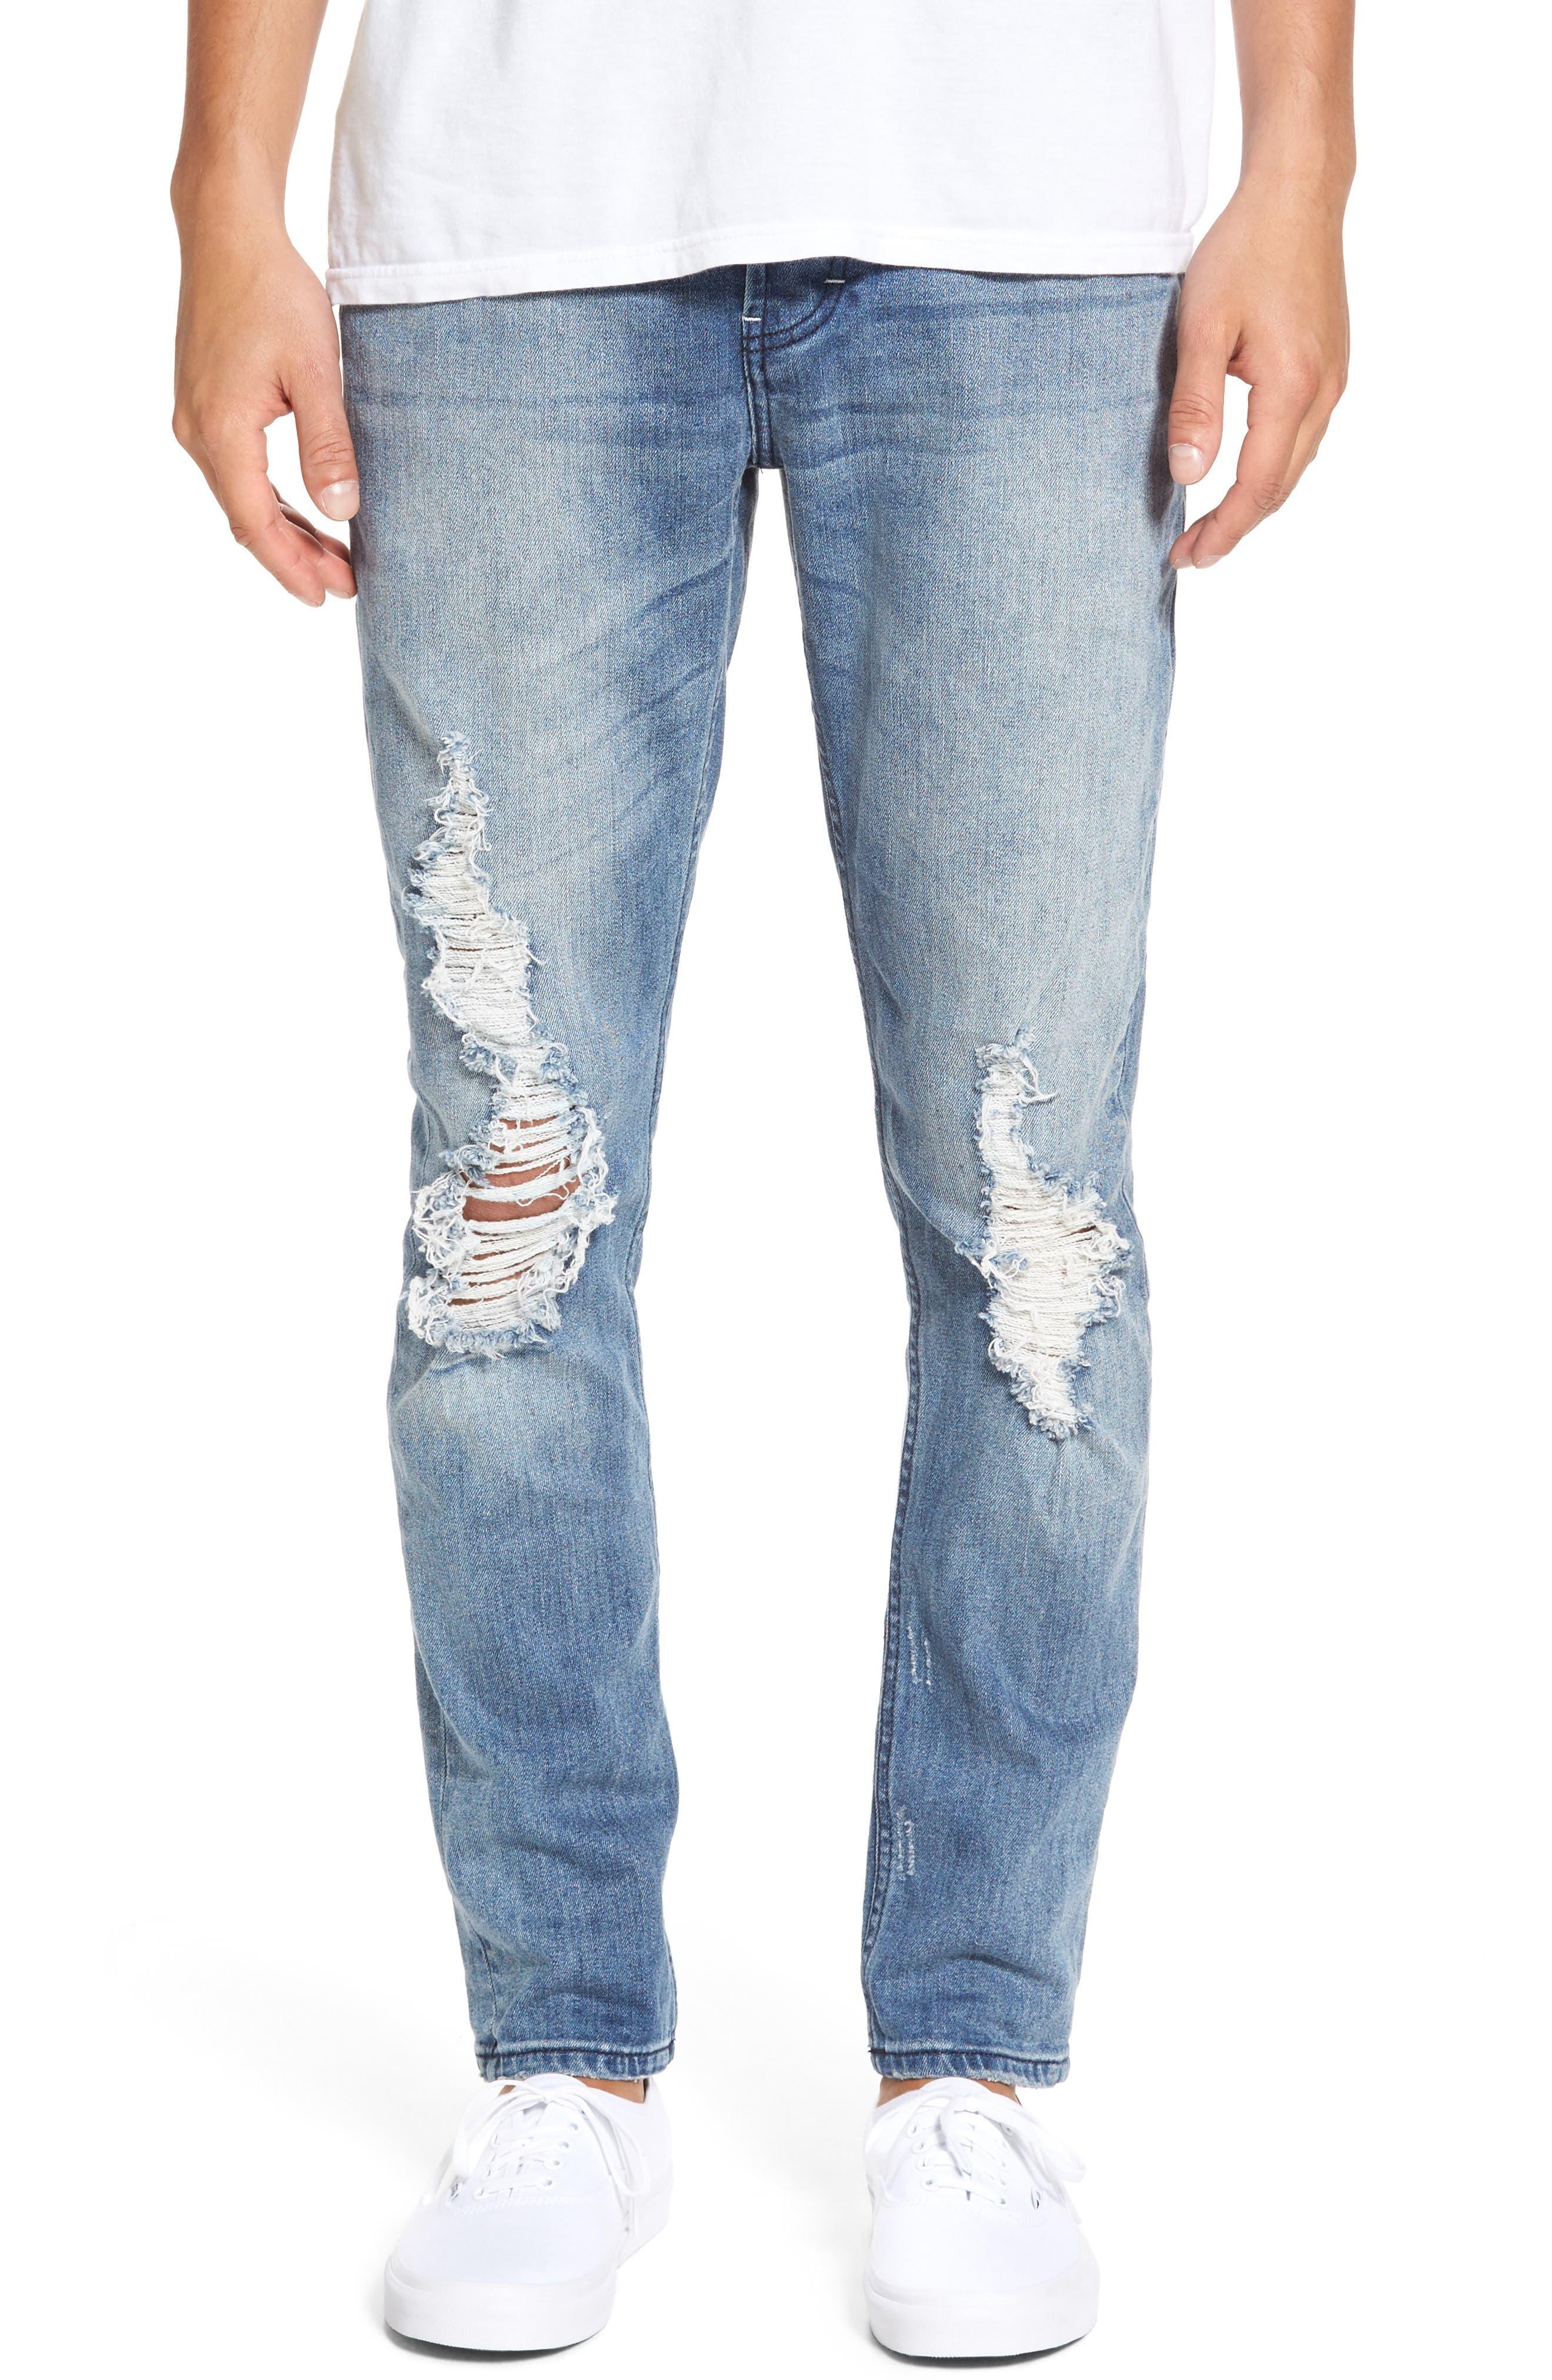 B.Line Slim Fit Jeans,                         Main,                         color, Blow Out Stonewash